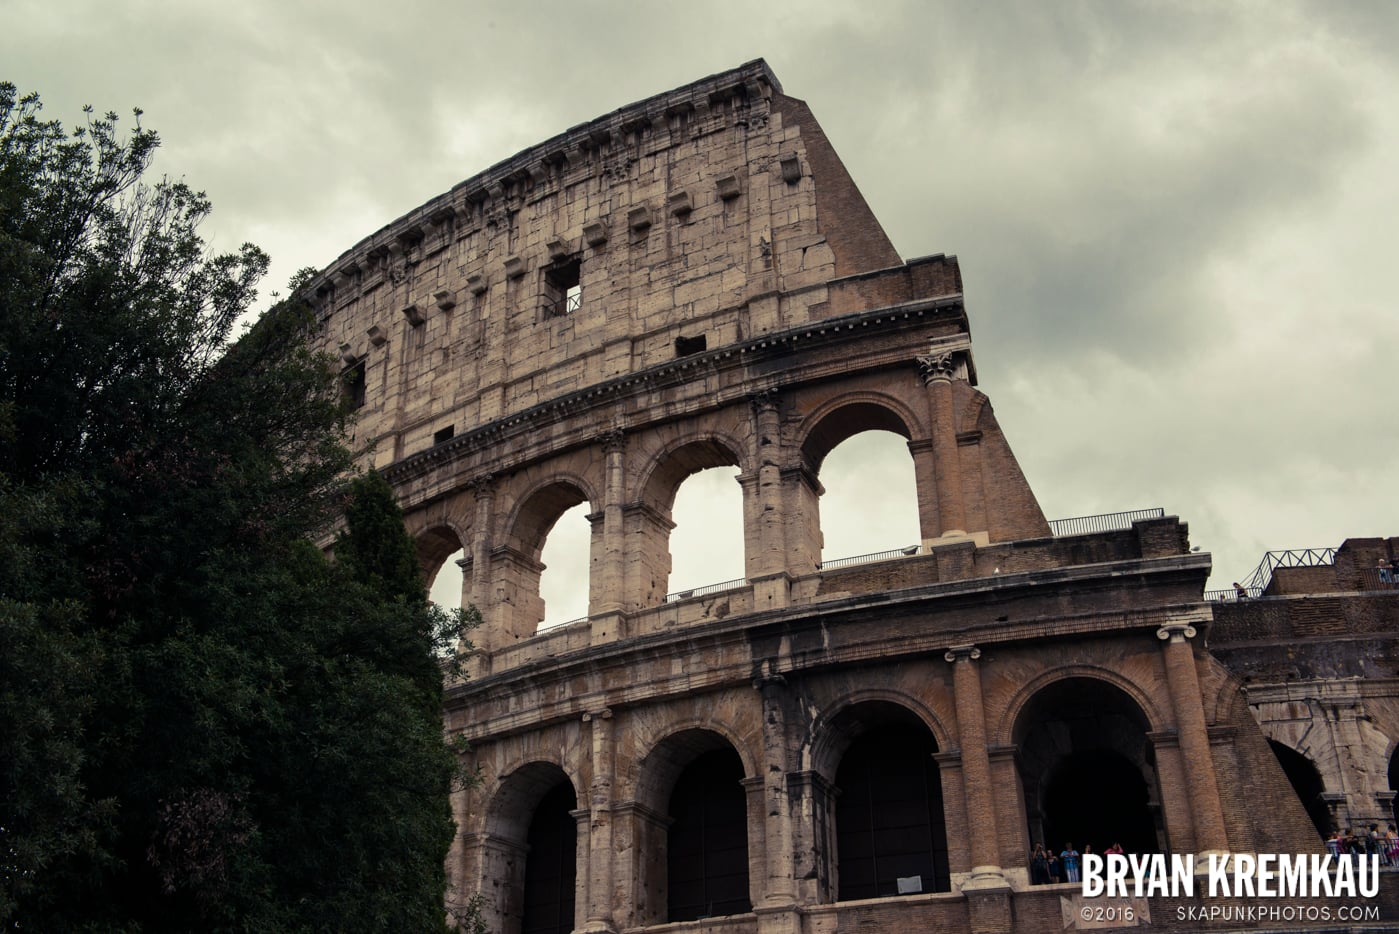 Italy Vacation - Day 2: Rome - 9.10.13 (38)